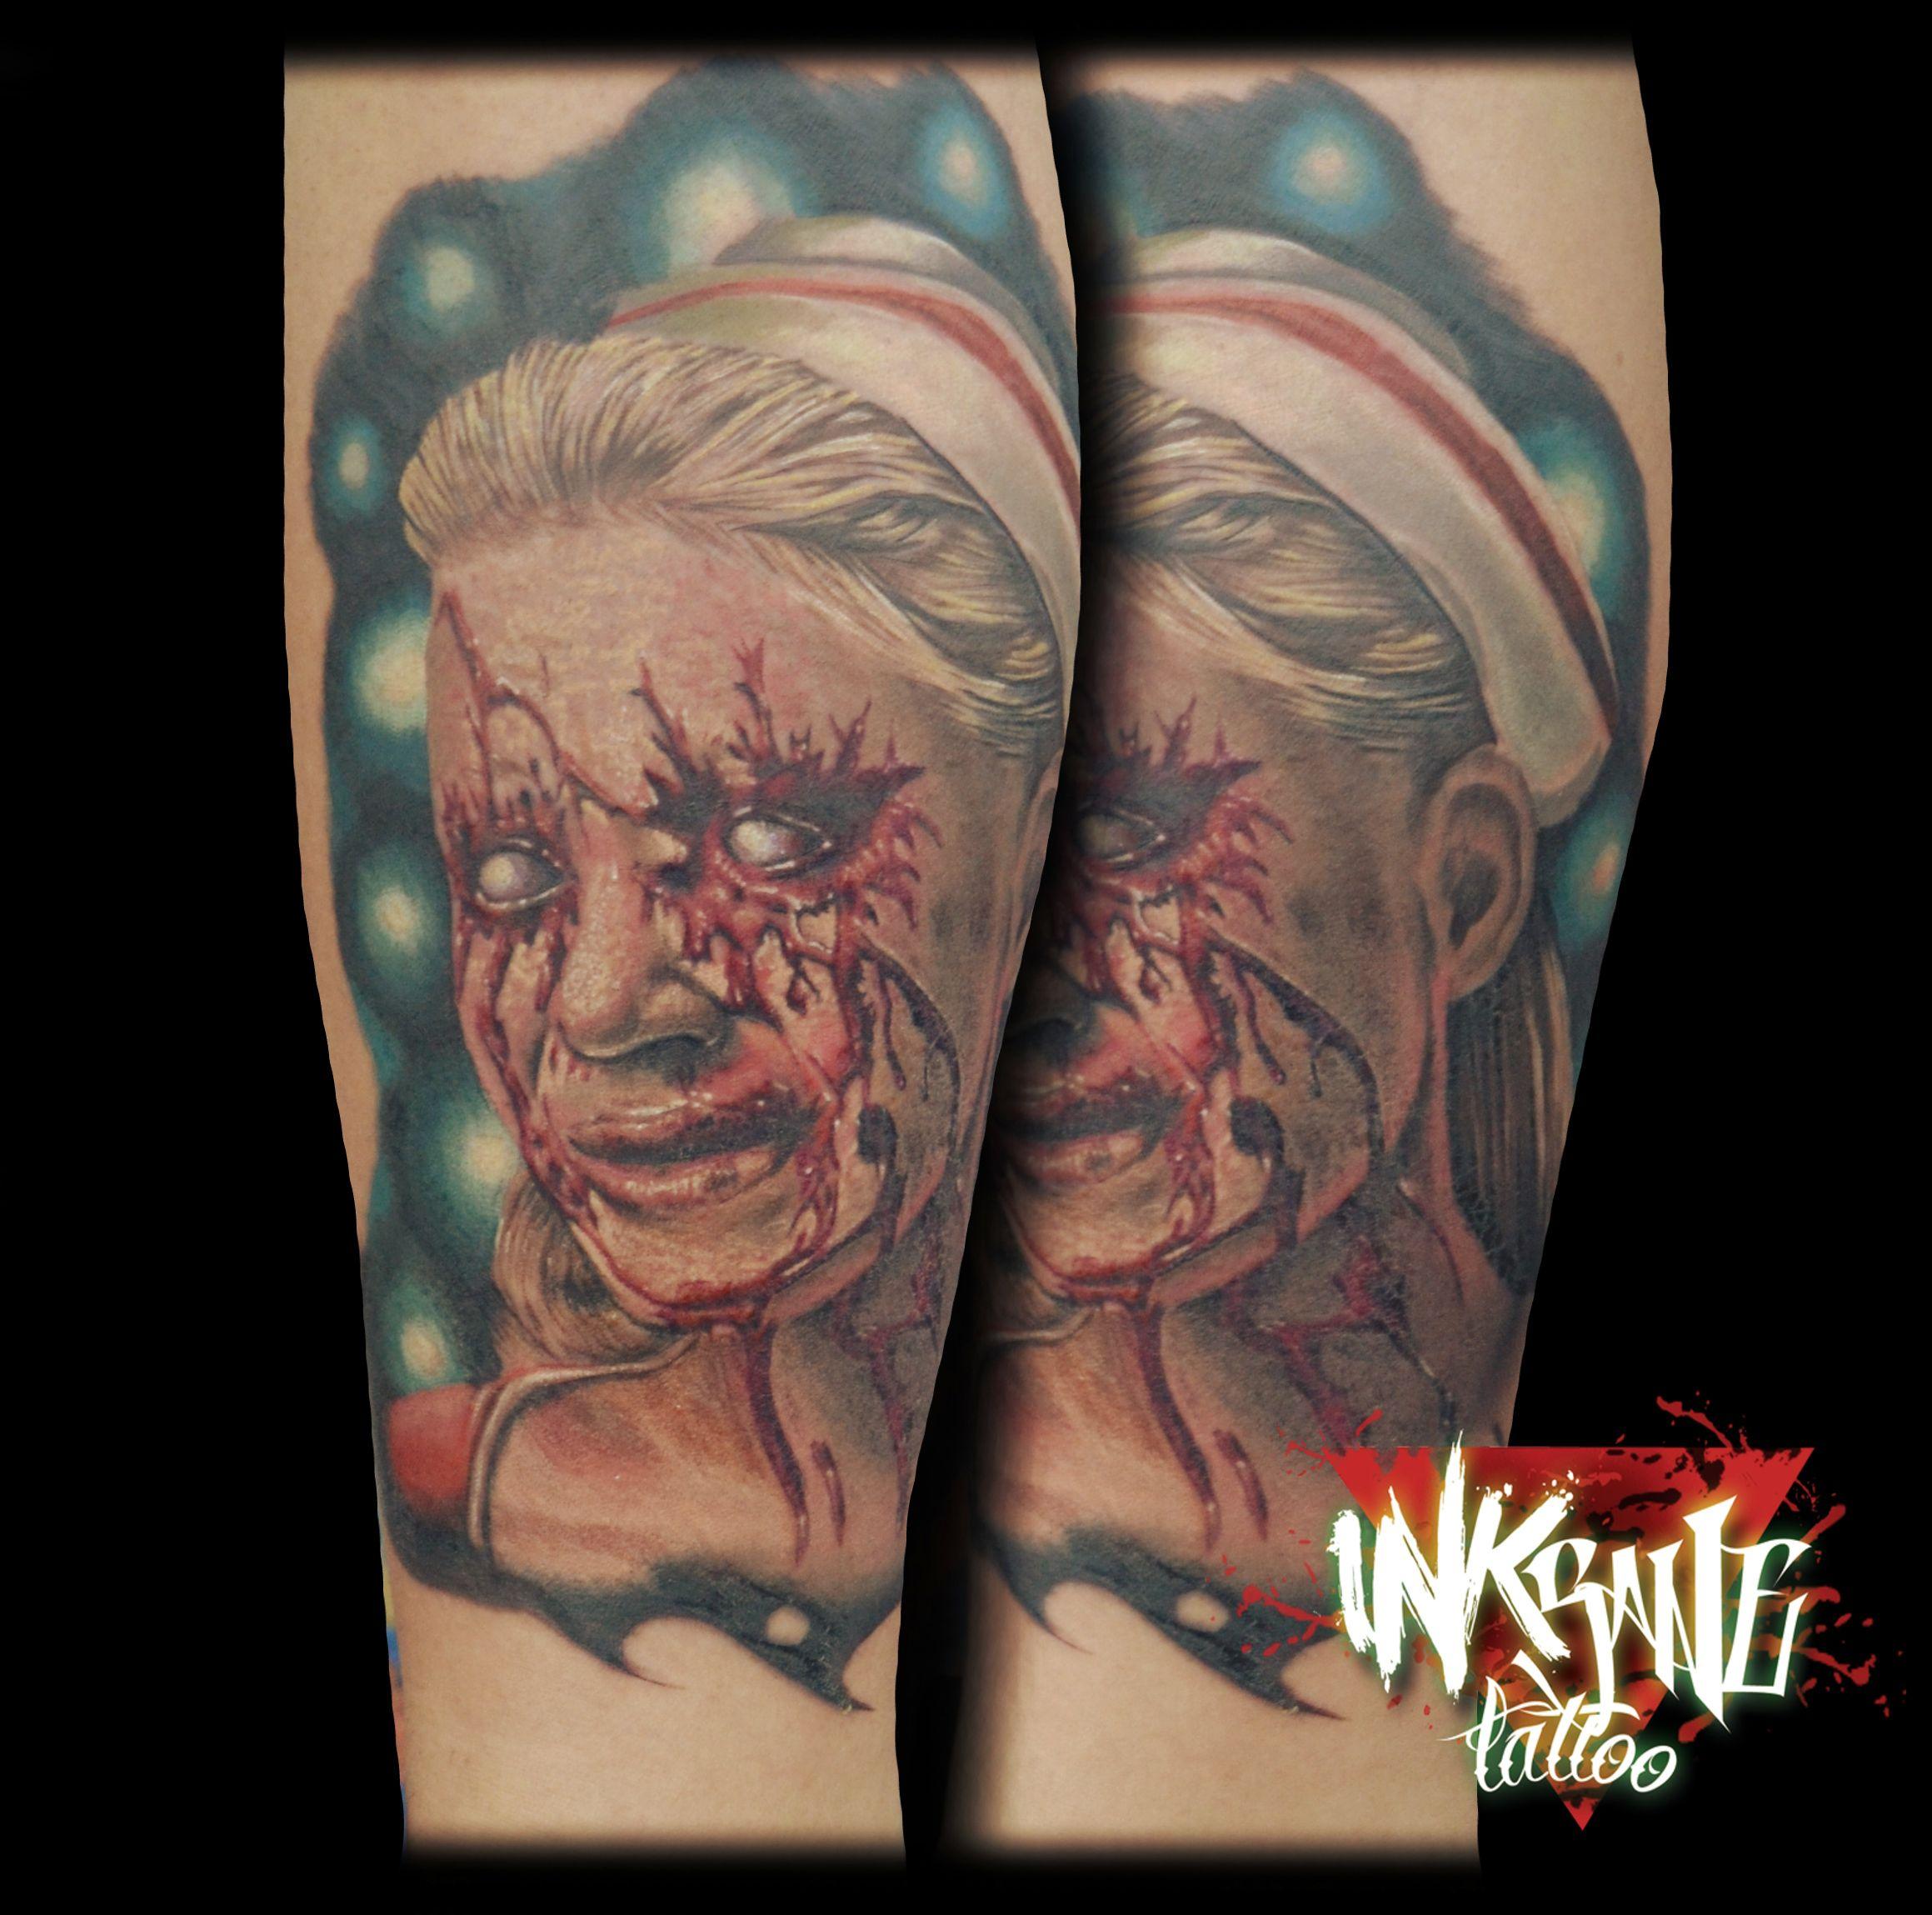 tatuaje realizado en la venezuela expo tattoo espero les guste